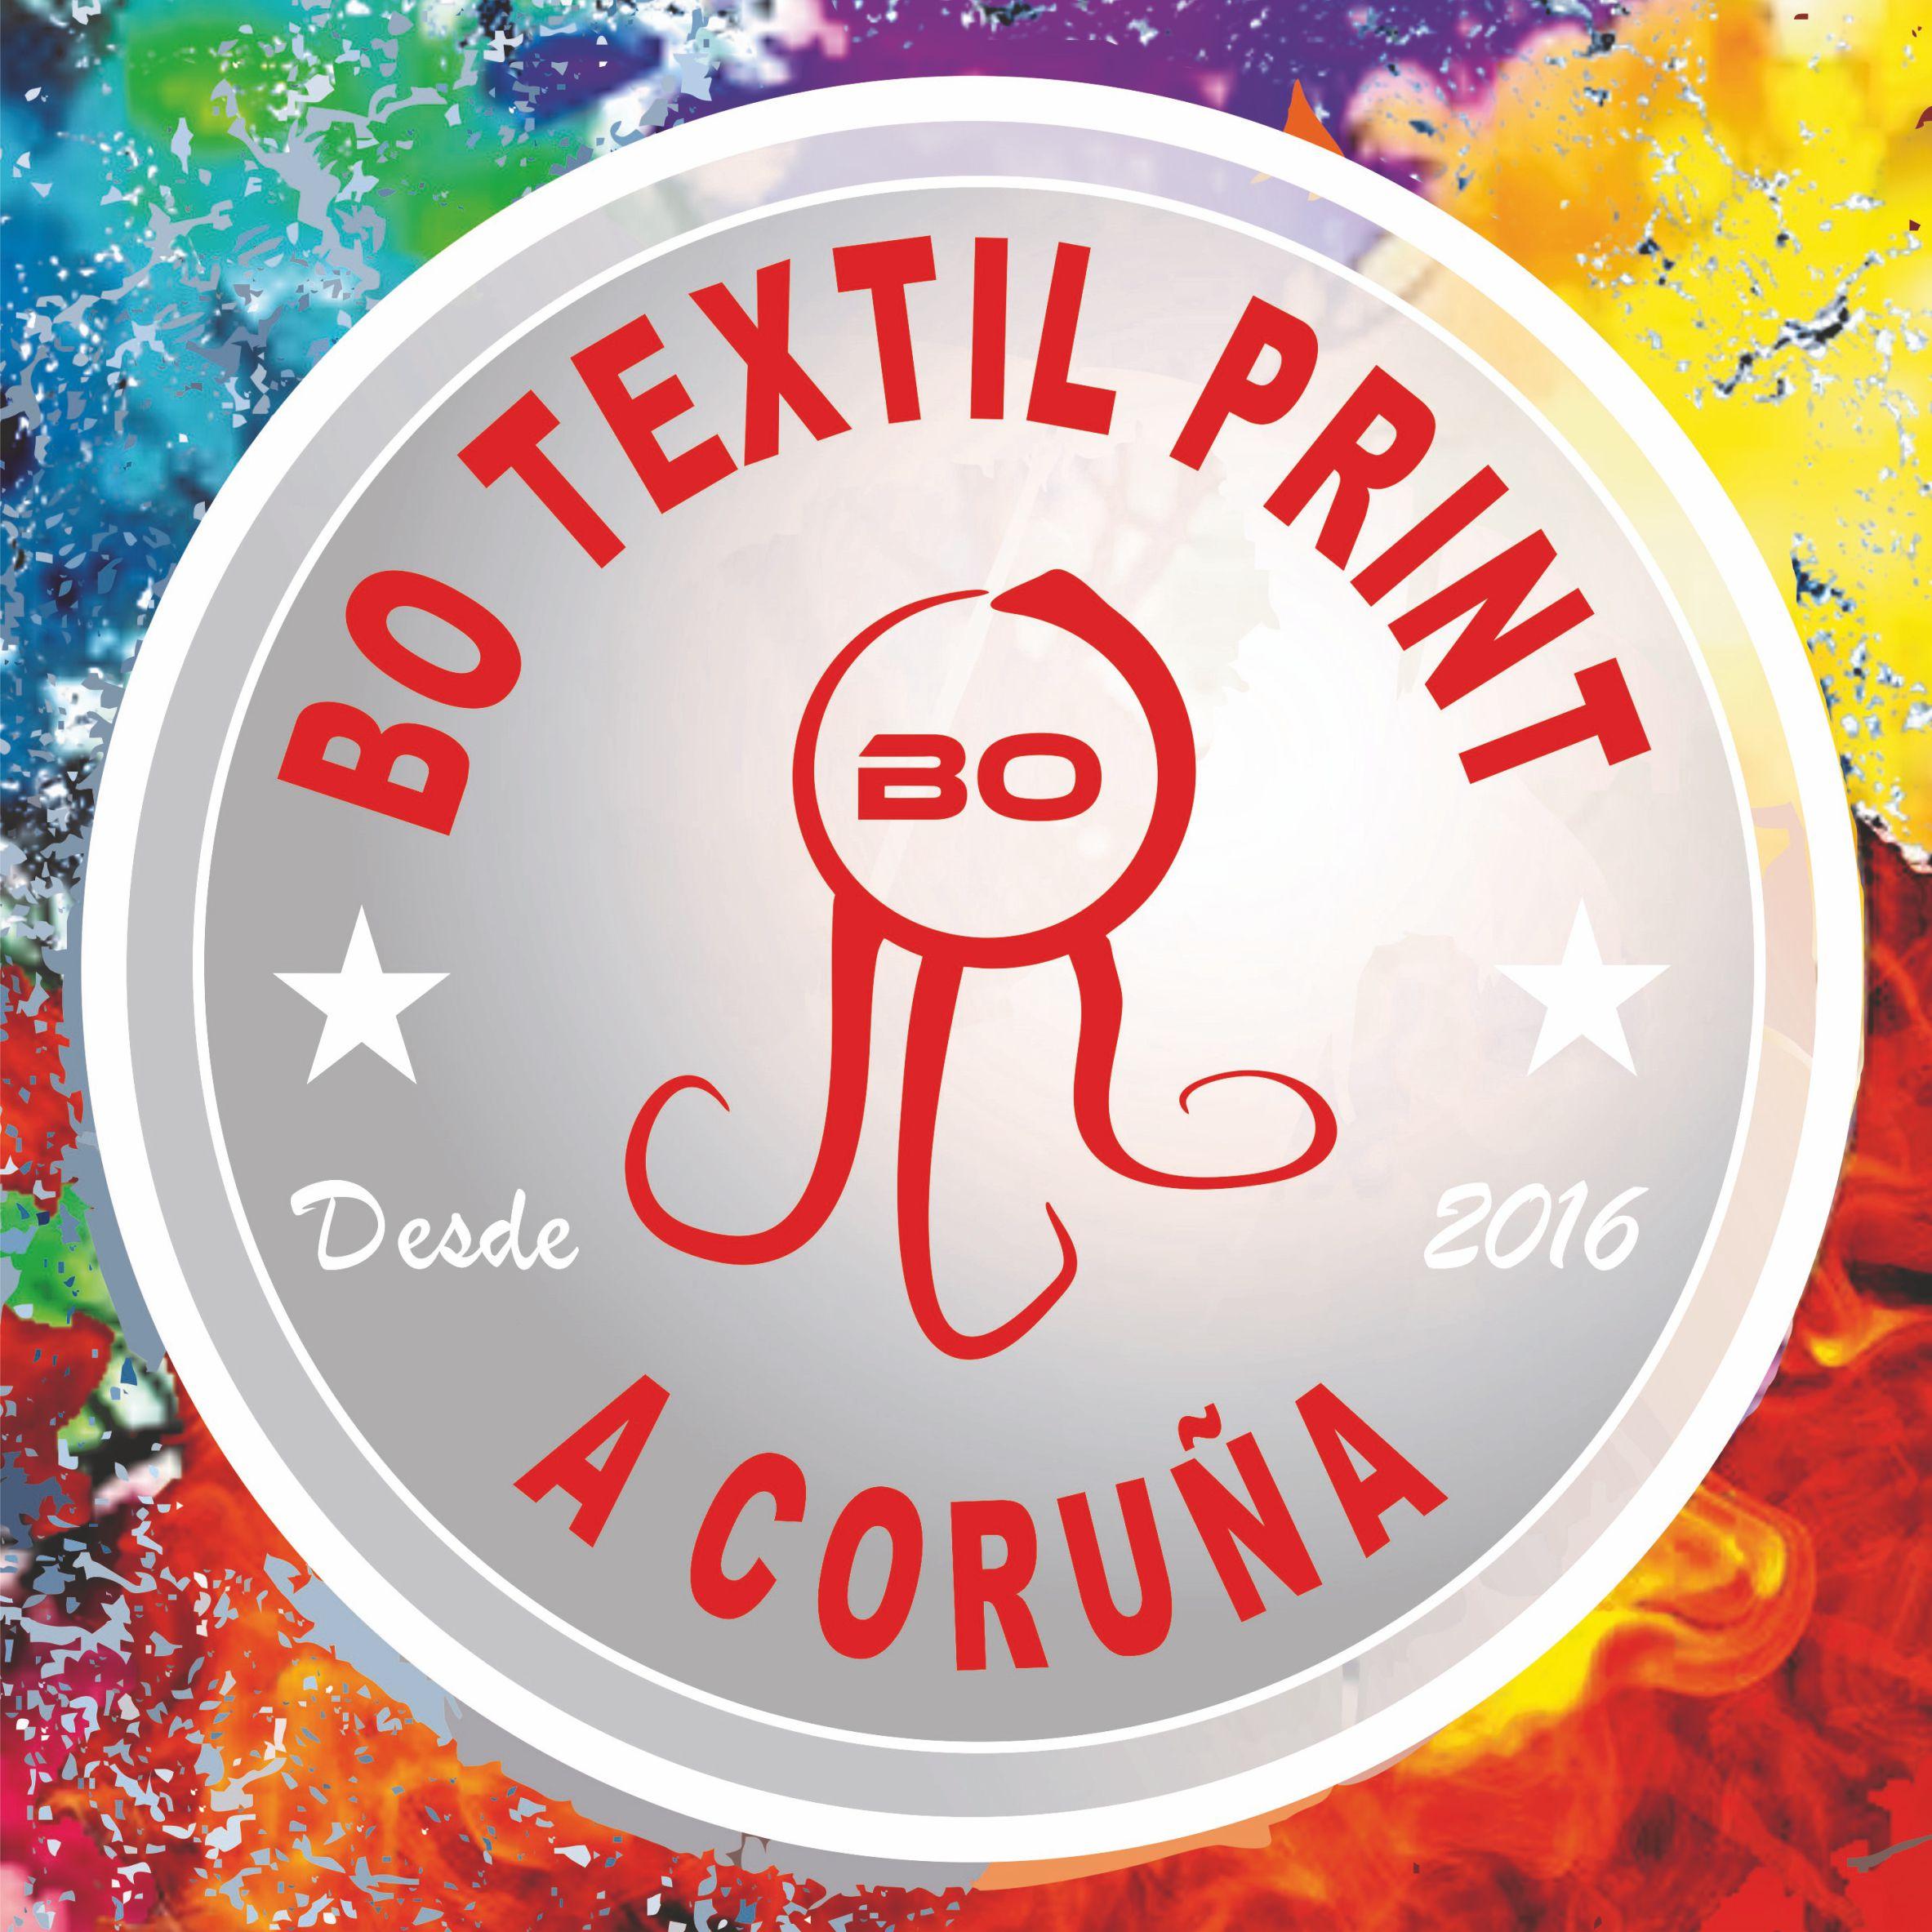 Bo Textil Print 4752fedaefa96